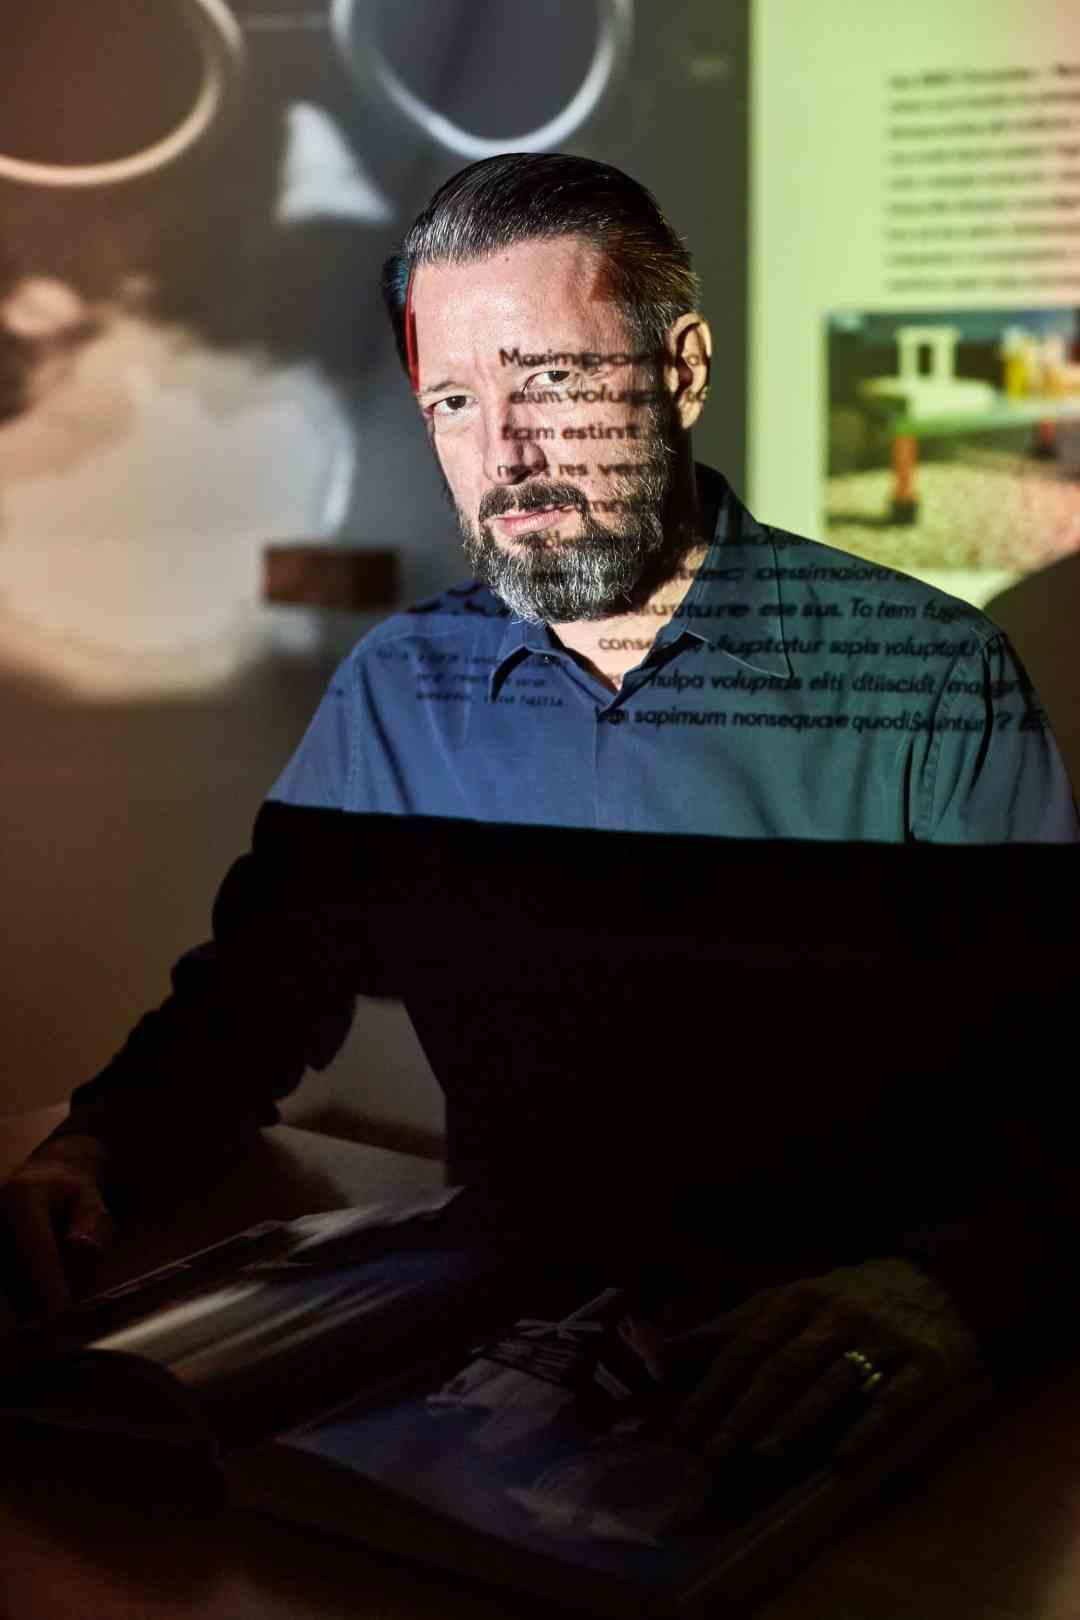 Robert Klanten, photo: Dan Smith